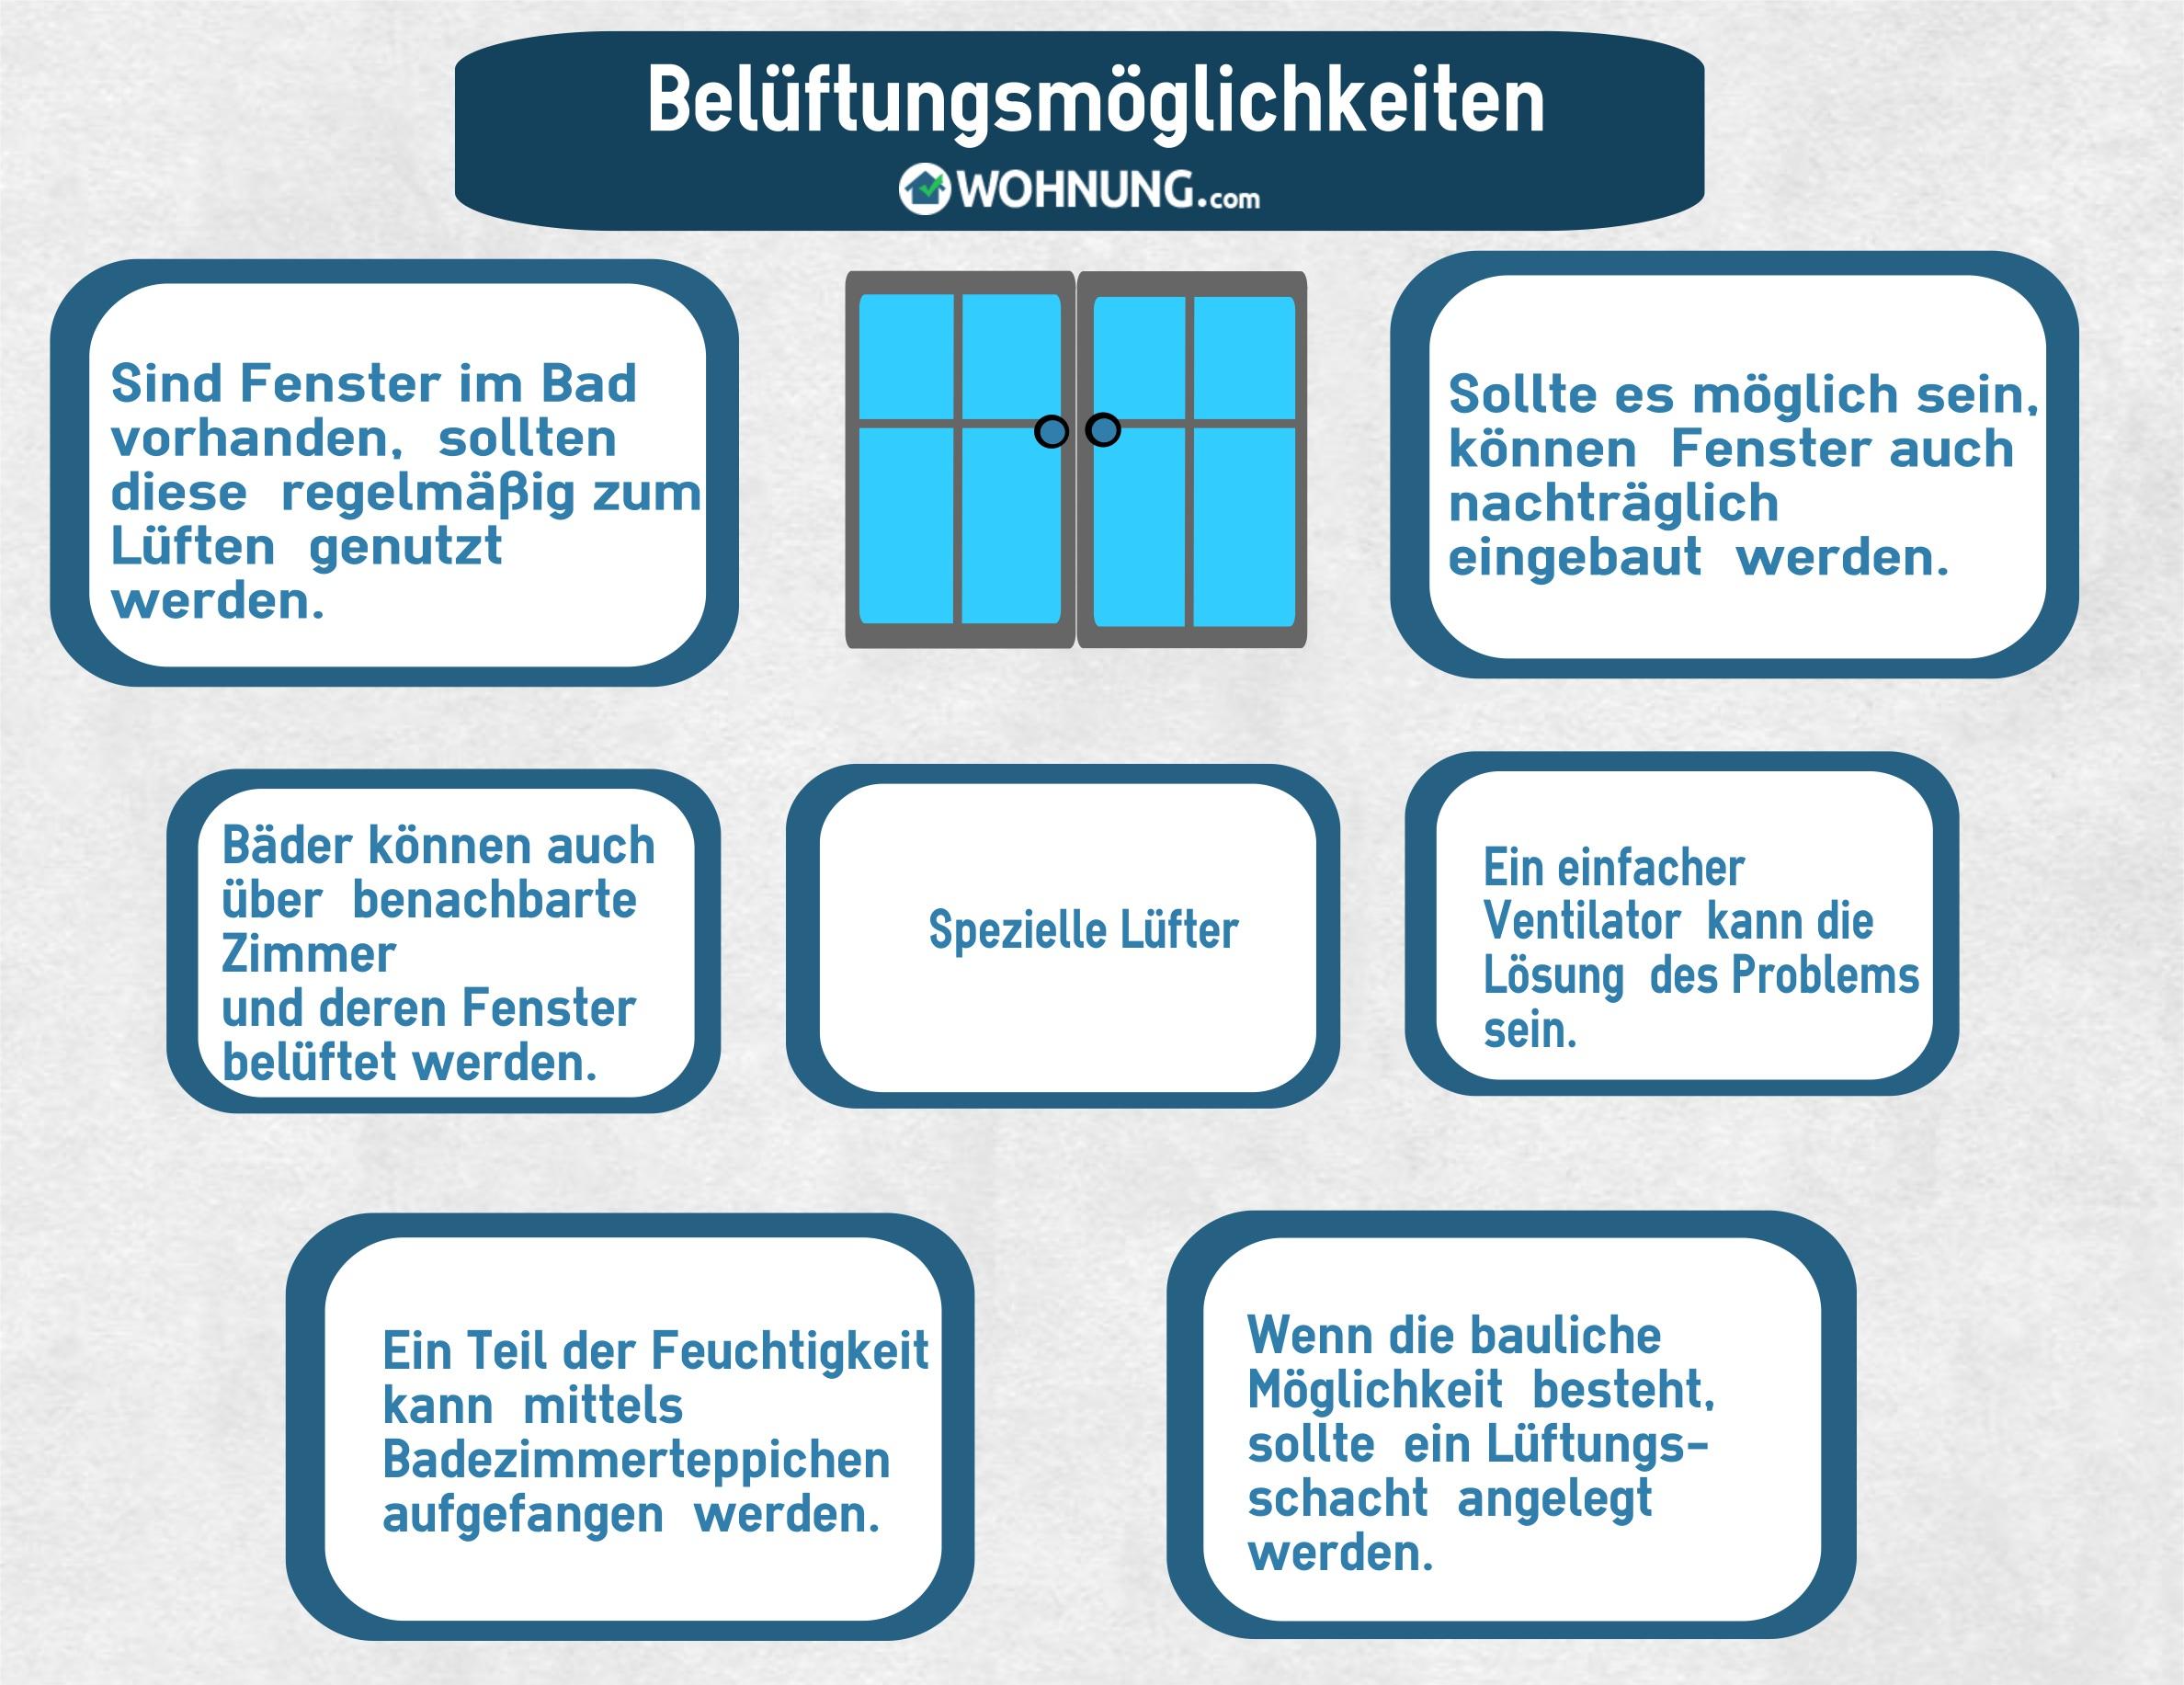 Richtiges Lüften im Bad - Wohnung.com Ratgeber